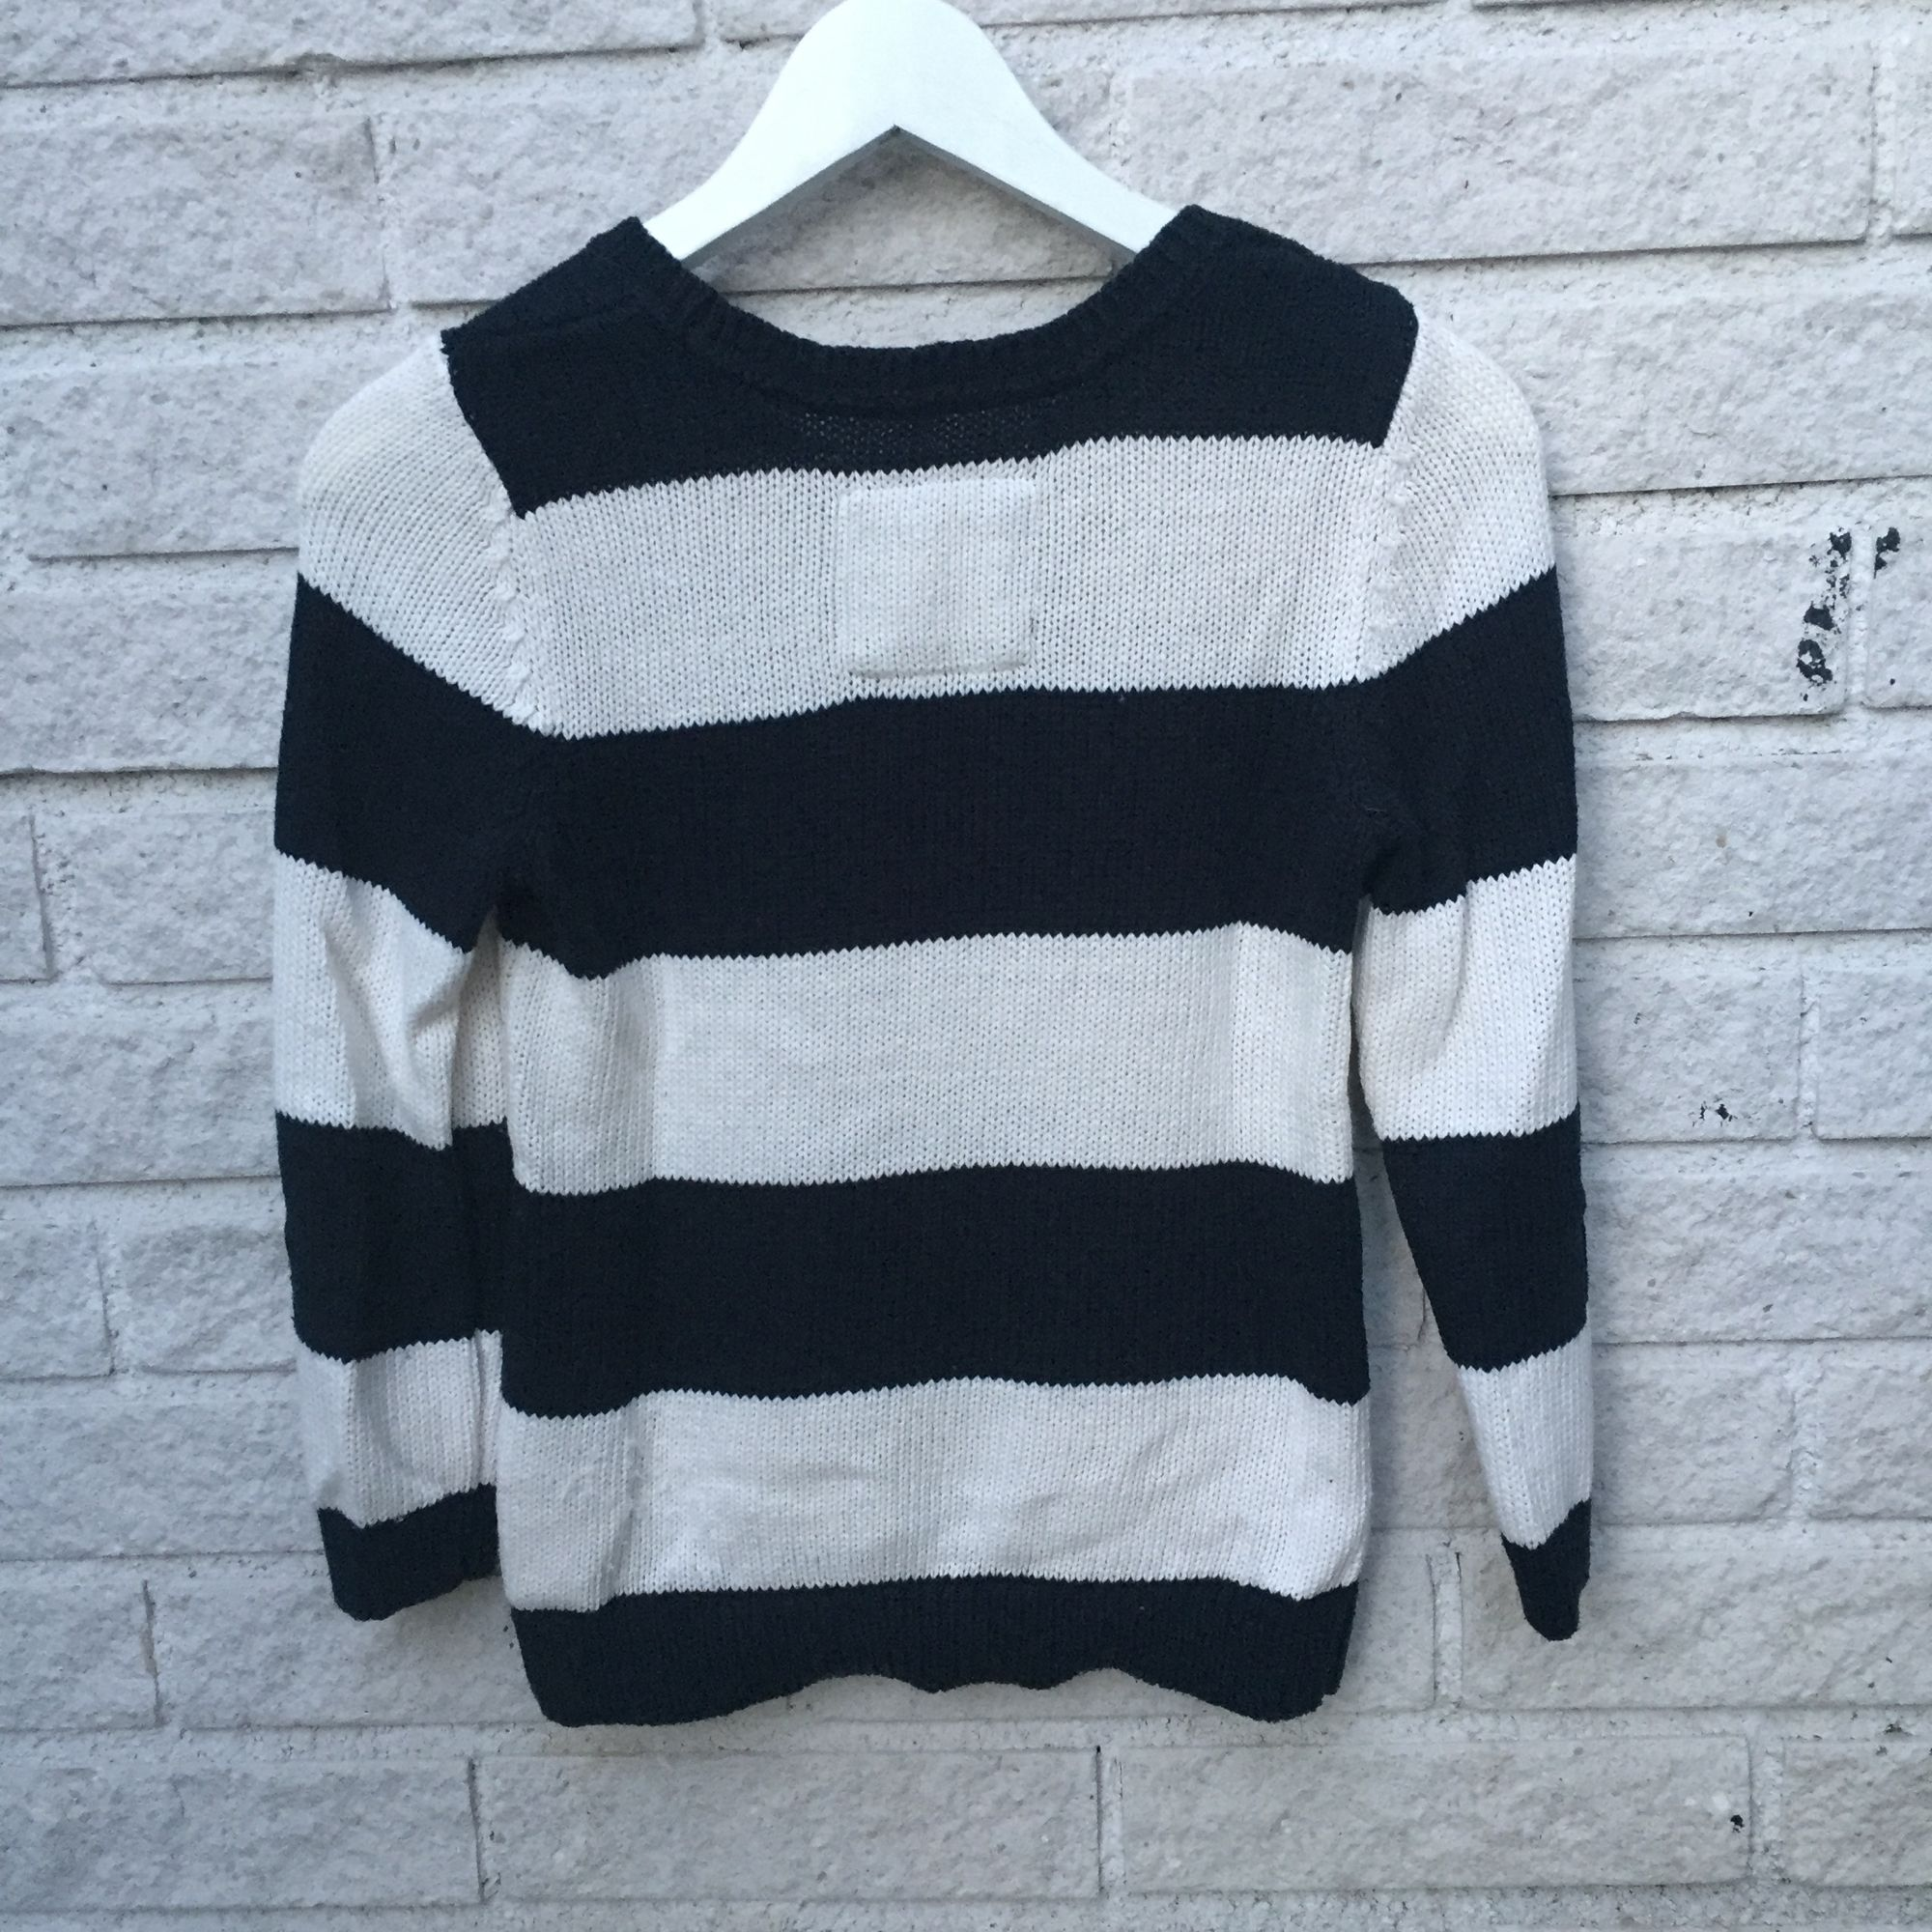 Abercrombie & Fitch tröja, 60% bomull 40% akryl. Lite sliten på nedre sidan av baksidan men annars i fint skick. . Tröjor & Koftor.